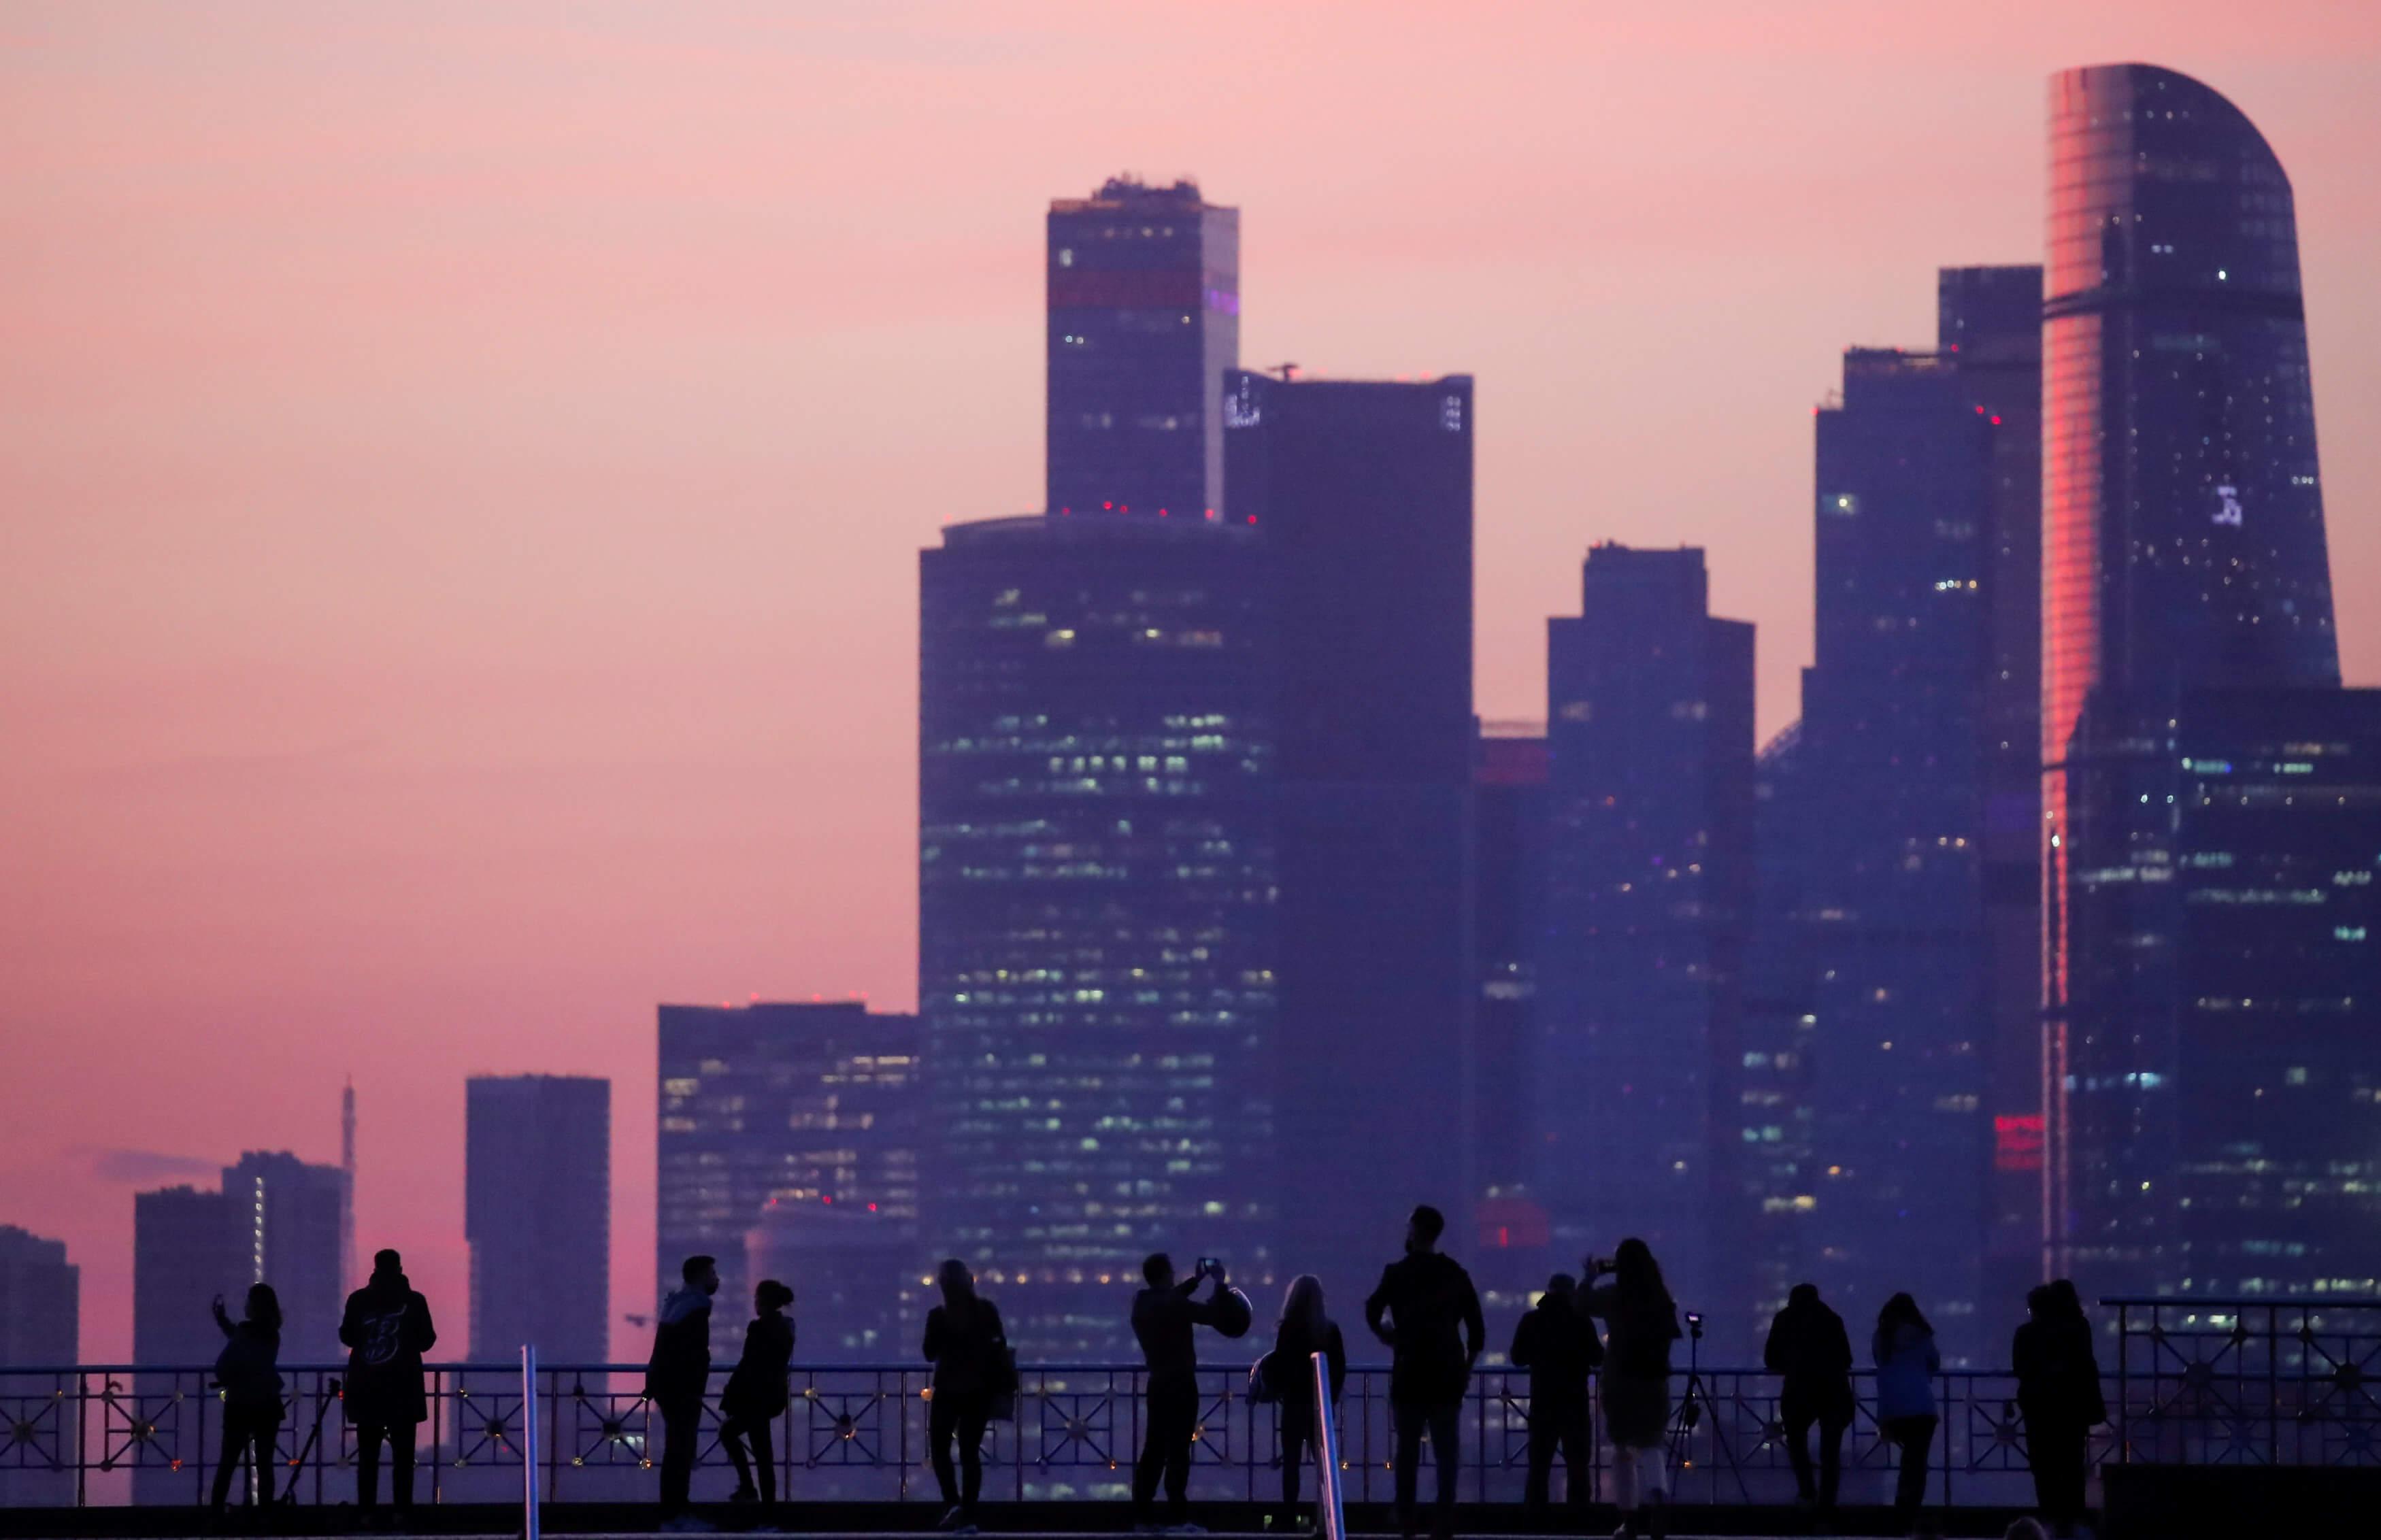 Περνάνε καλά στη Ρωσία! 8 στους 10 πολίτες δηλώνουν ευτυχισμένοι